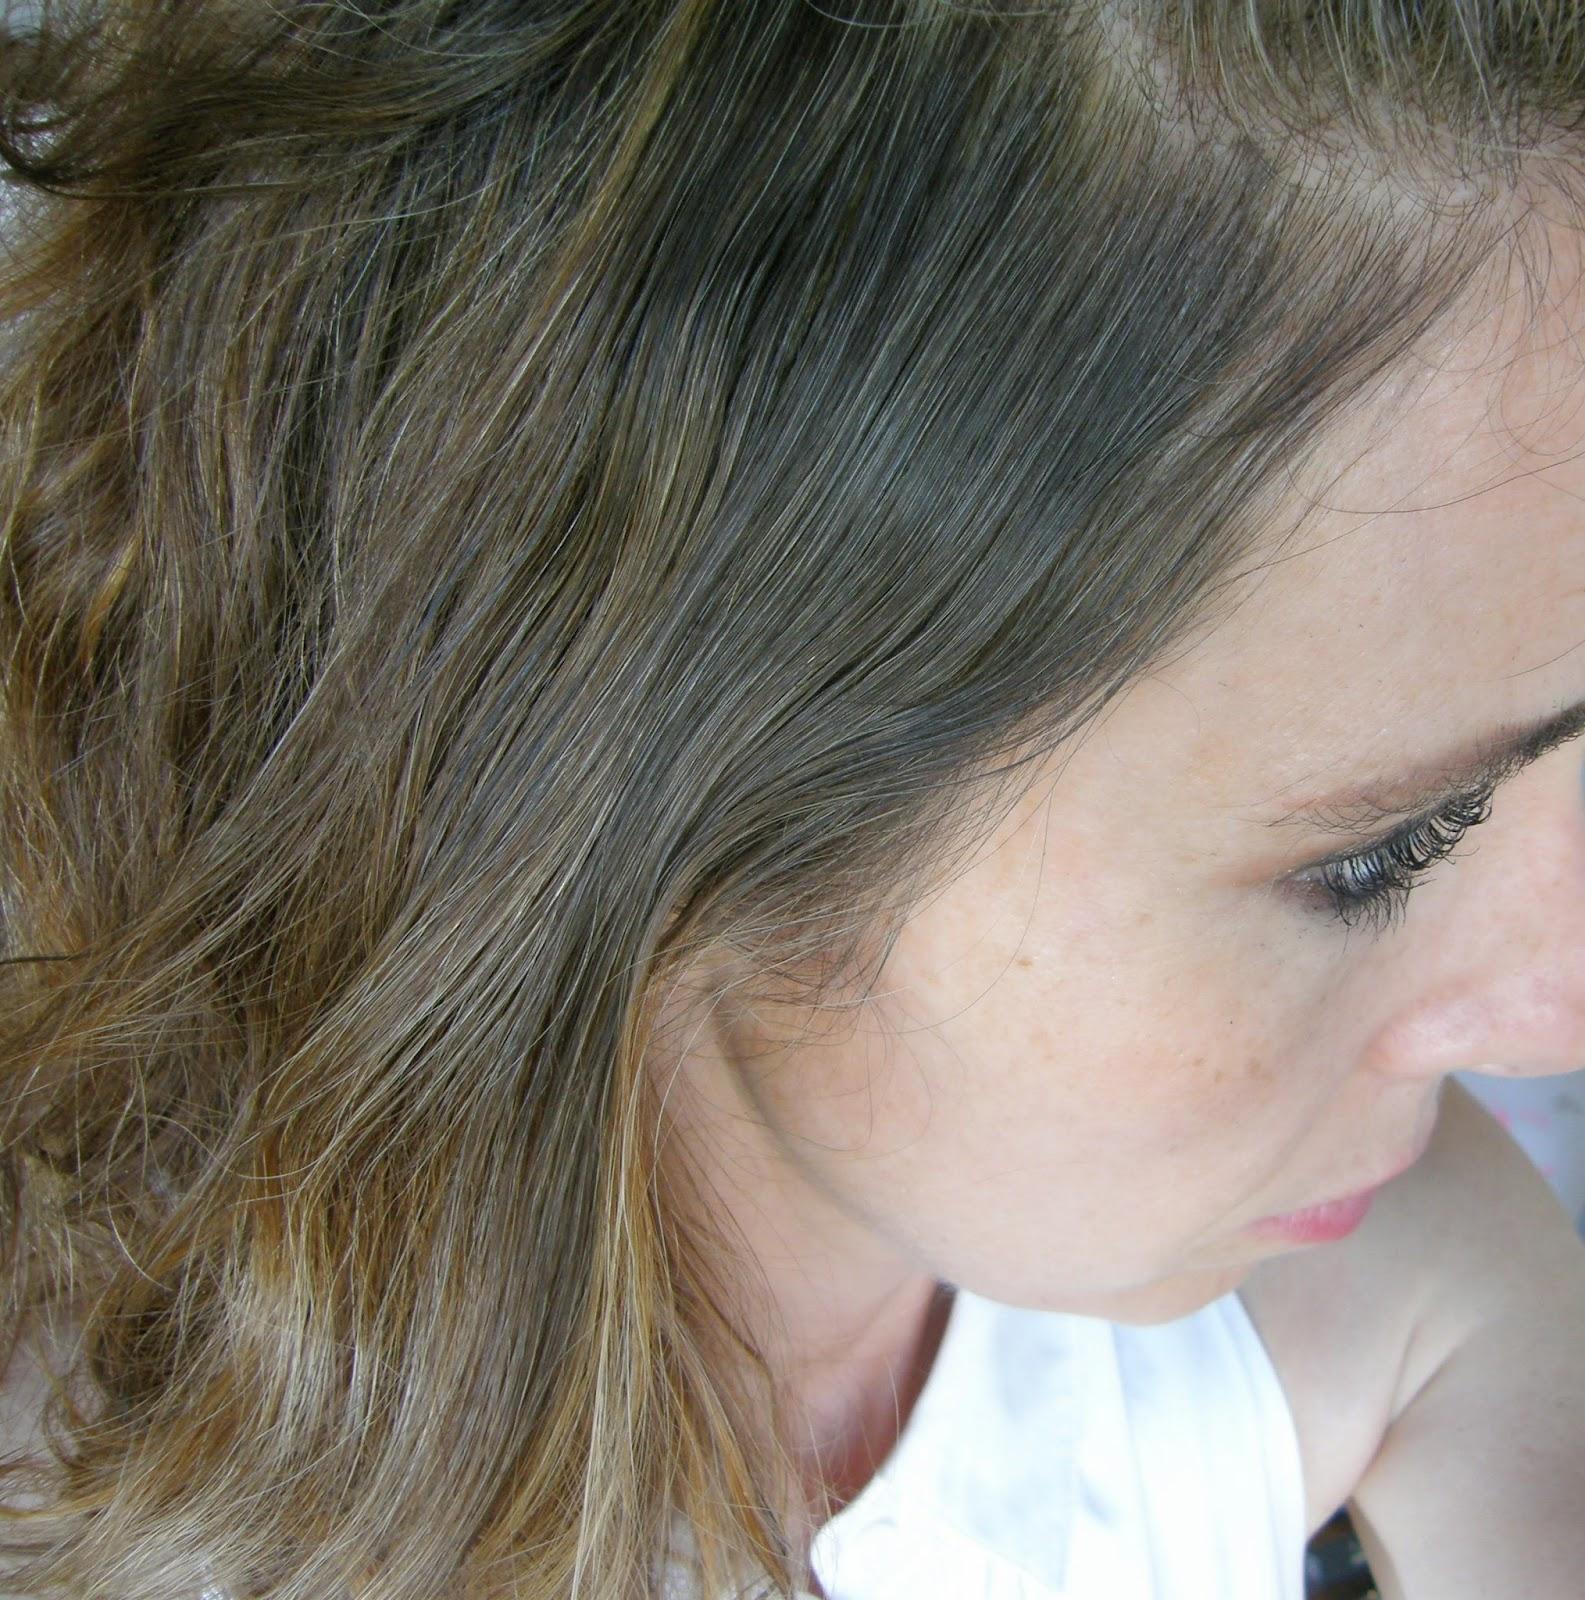 mascara cheveux de k pour karit mon test et avis audio - Coloration K Pour Karit